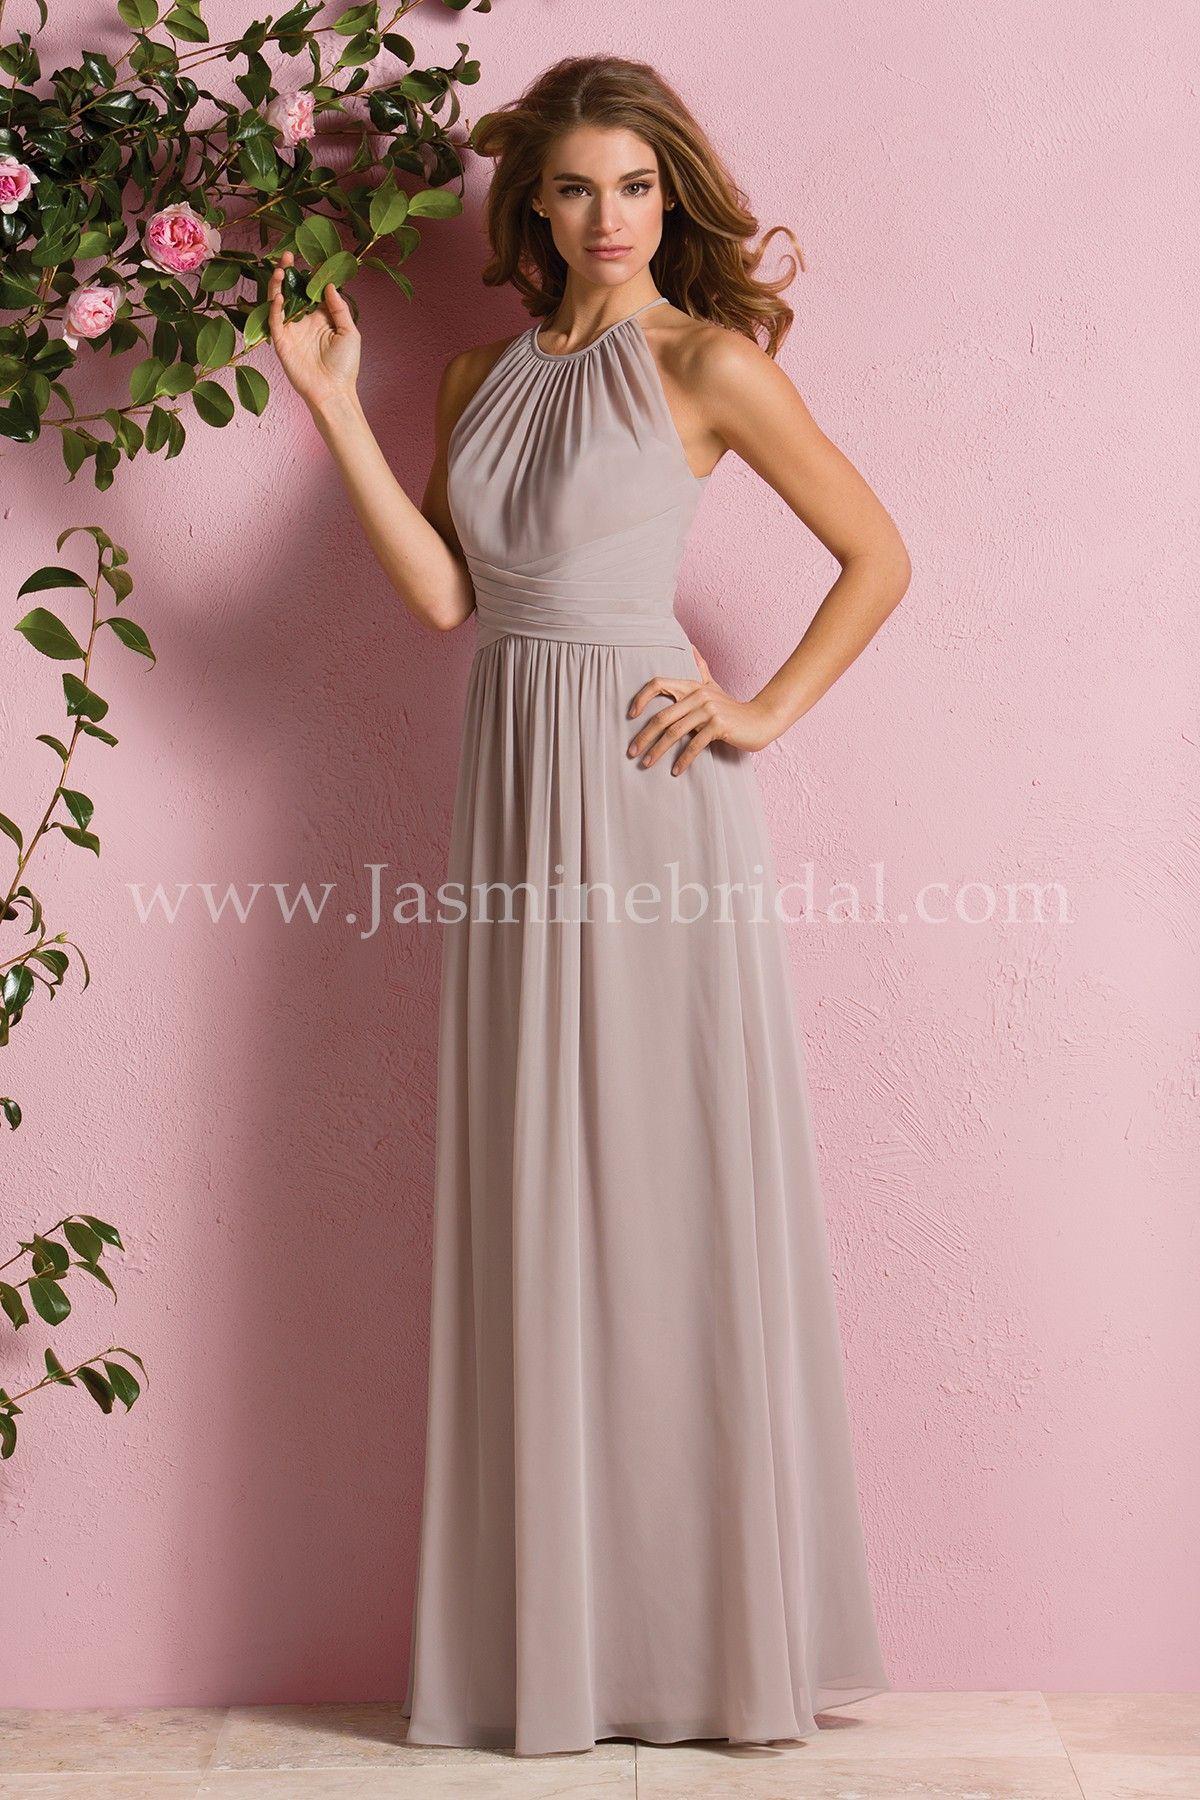 Jasmine Bridal | Bridesmaids | Pinterest | Mas de, Vestiditos y Fiestas